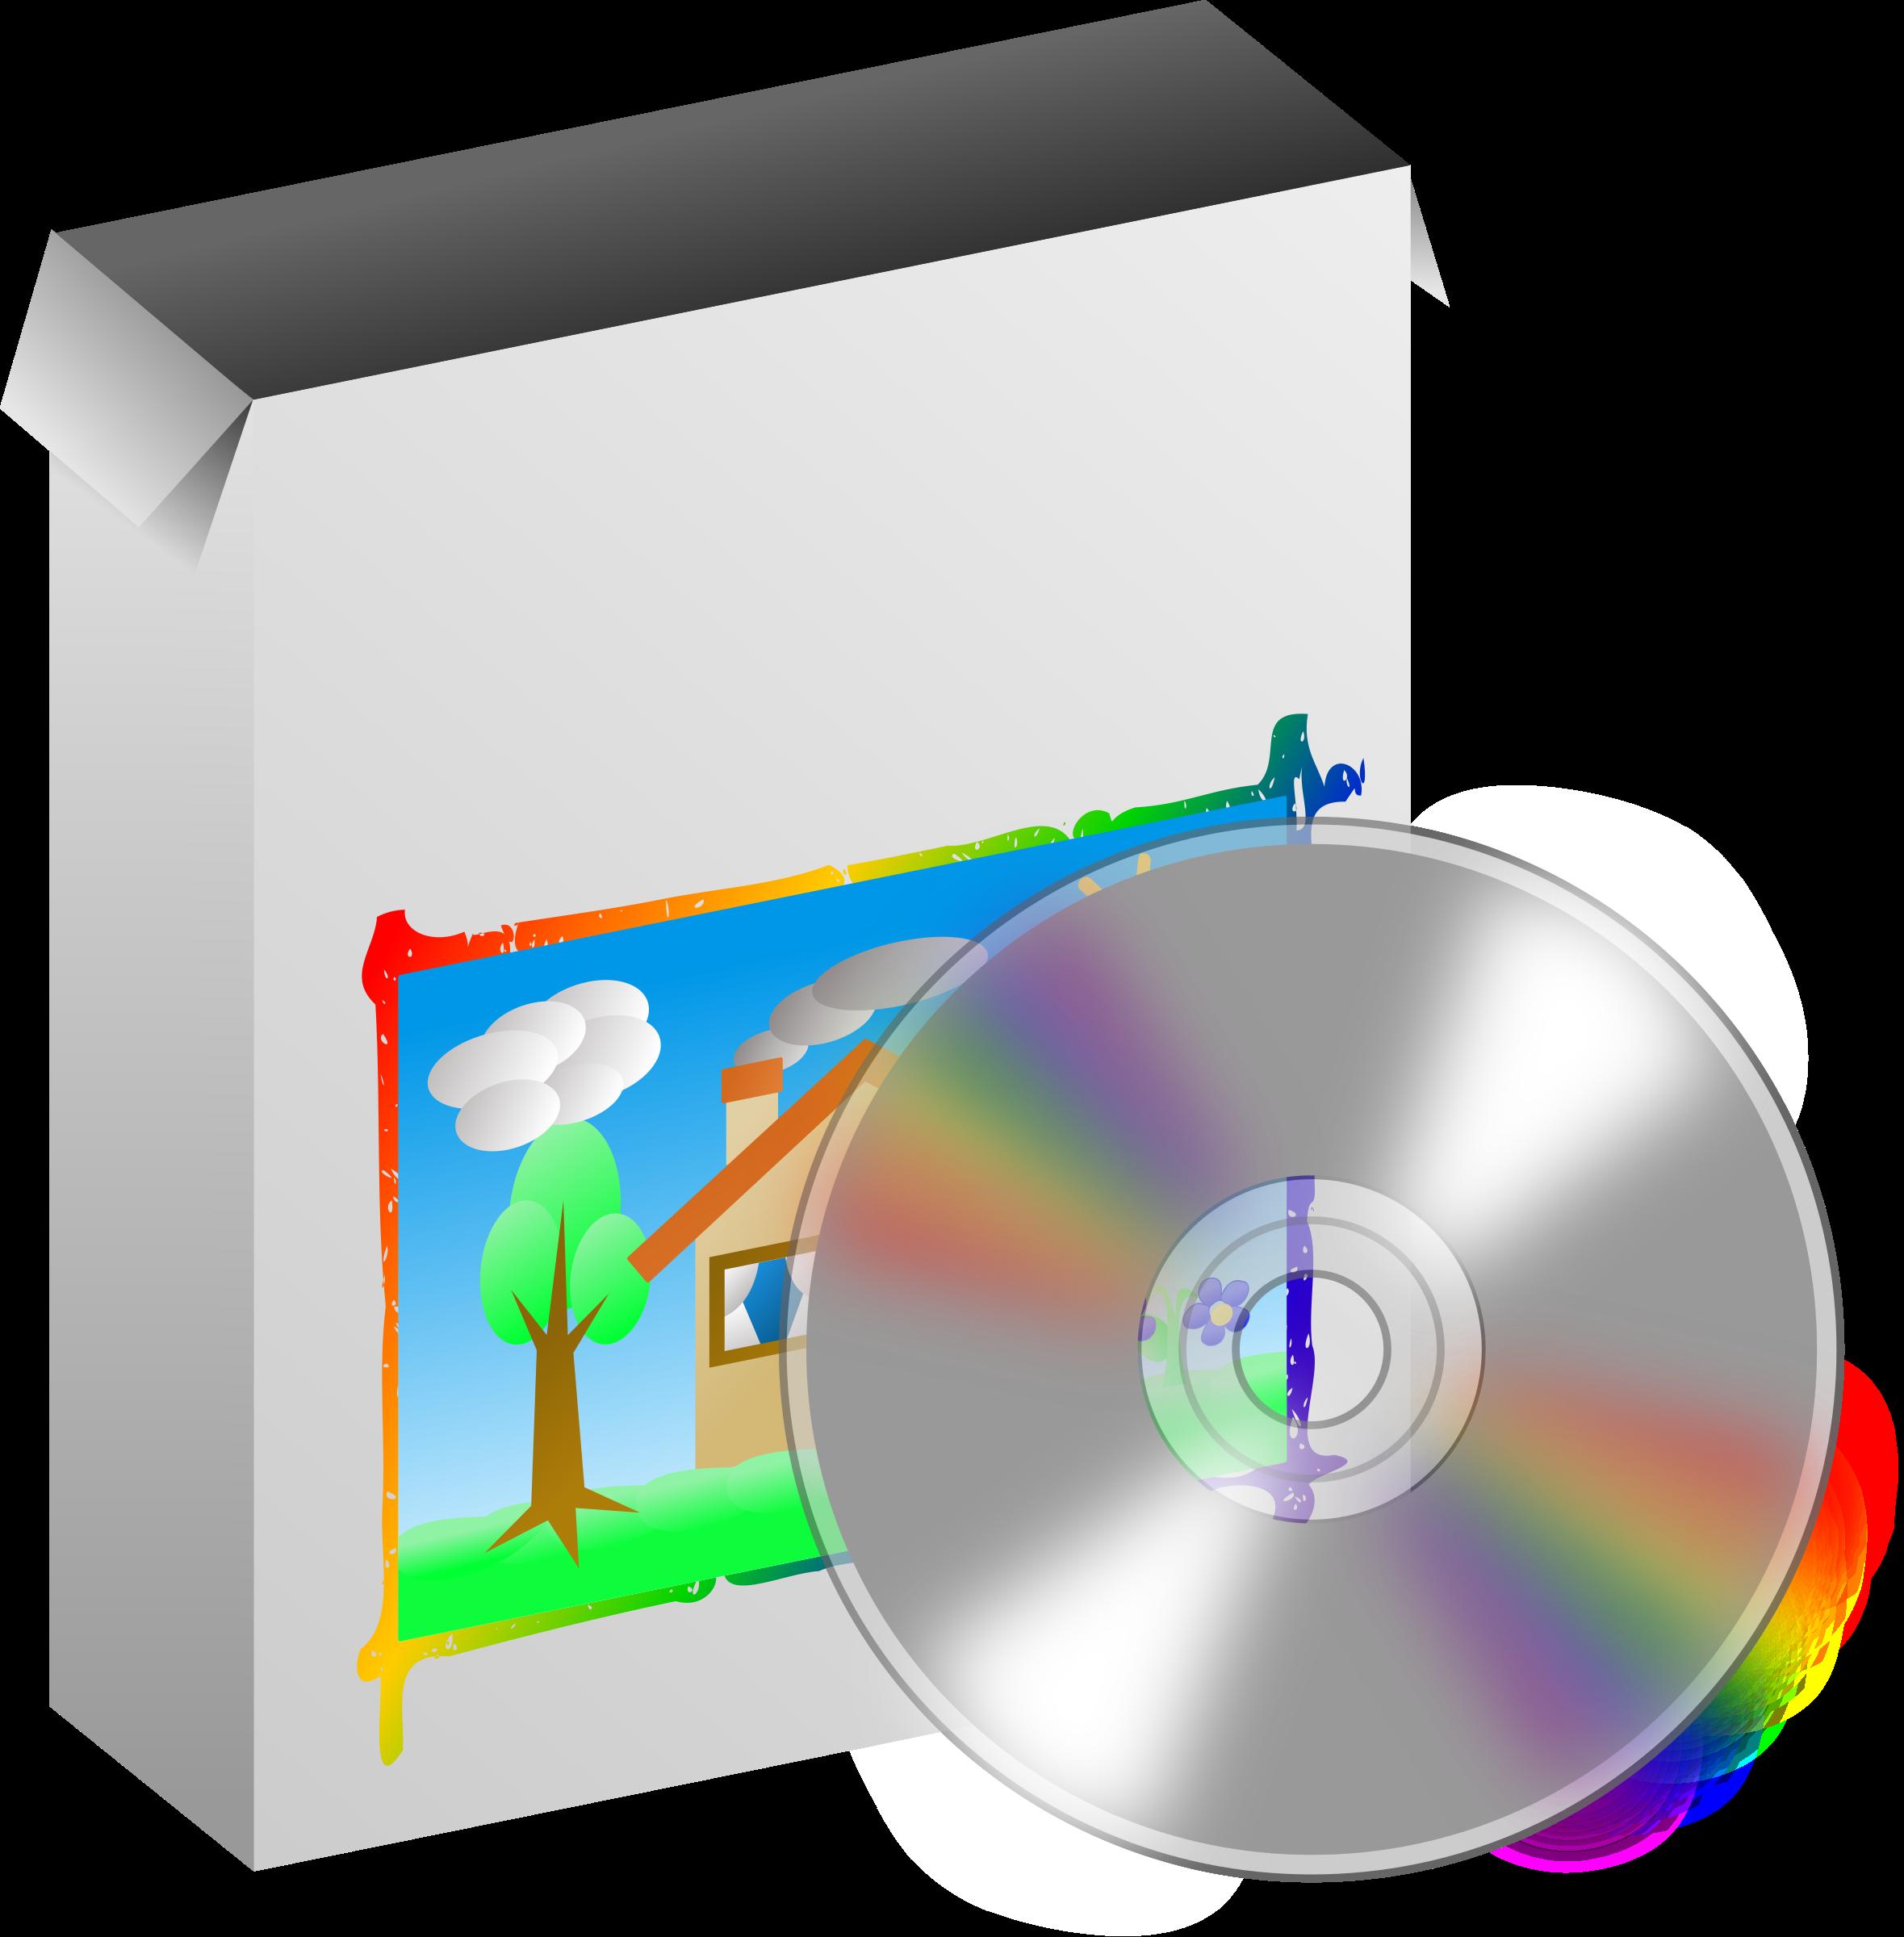 Add remove programs icon. Cd clipart software license